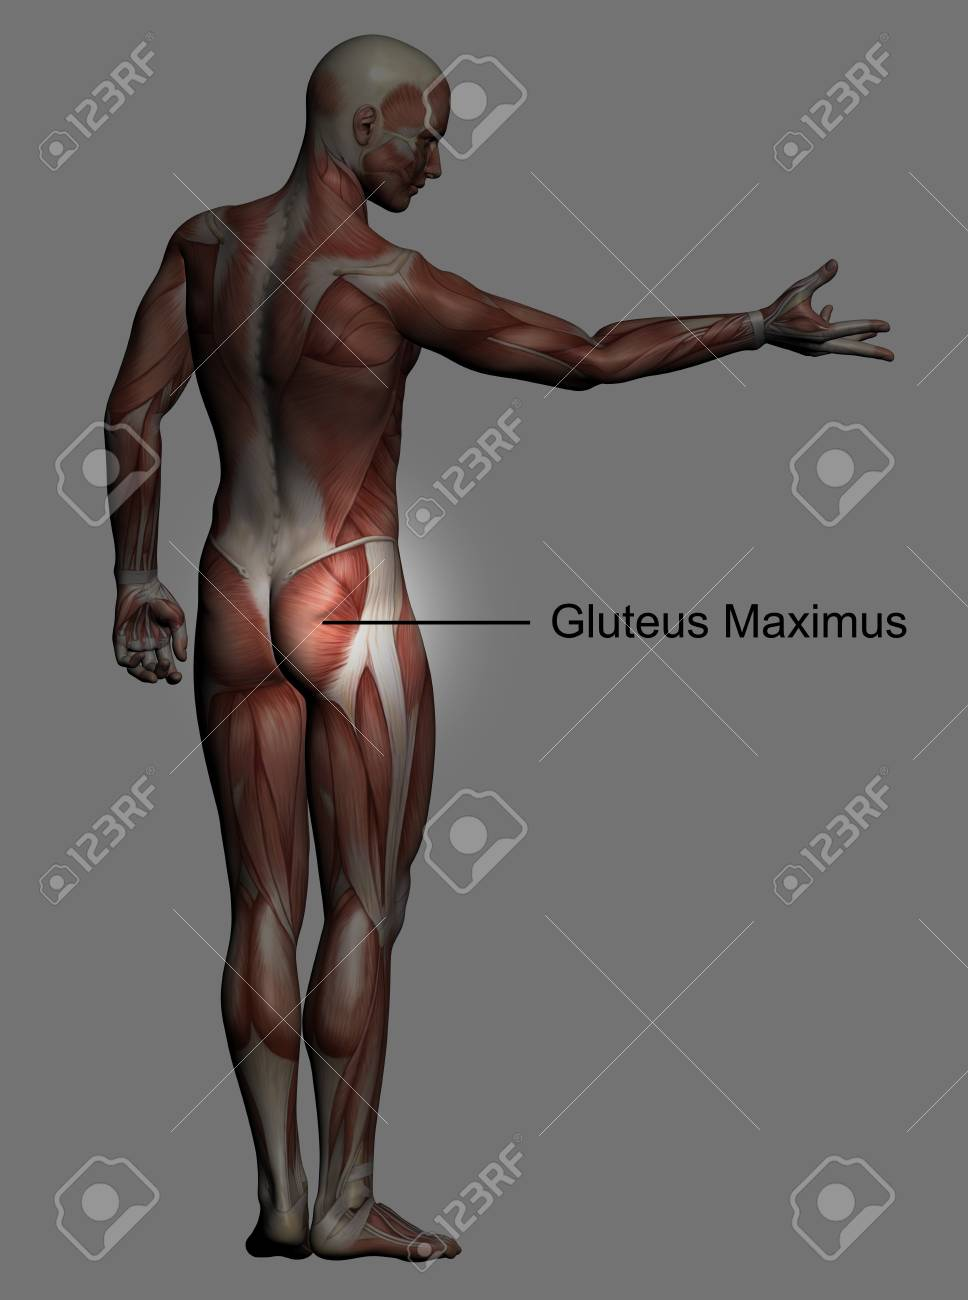 Increíble Masculinos Anatomía Fotos Imagen - Imágenes de Anatomía ...